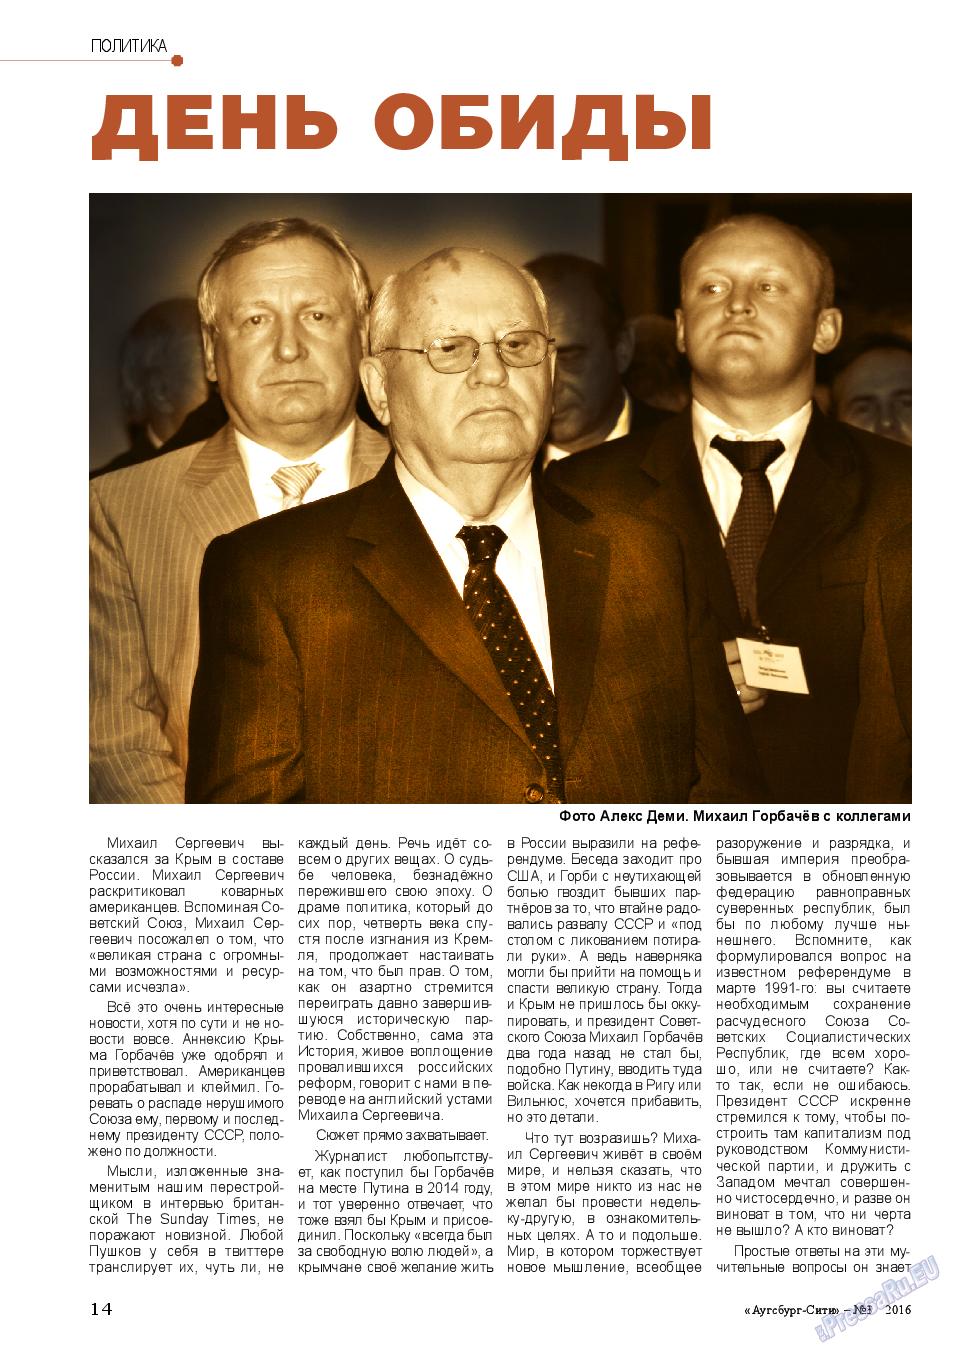 Аугсбург-сити (журнал). 2016 год, номер 3, стр. 14